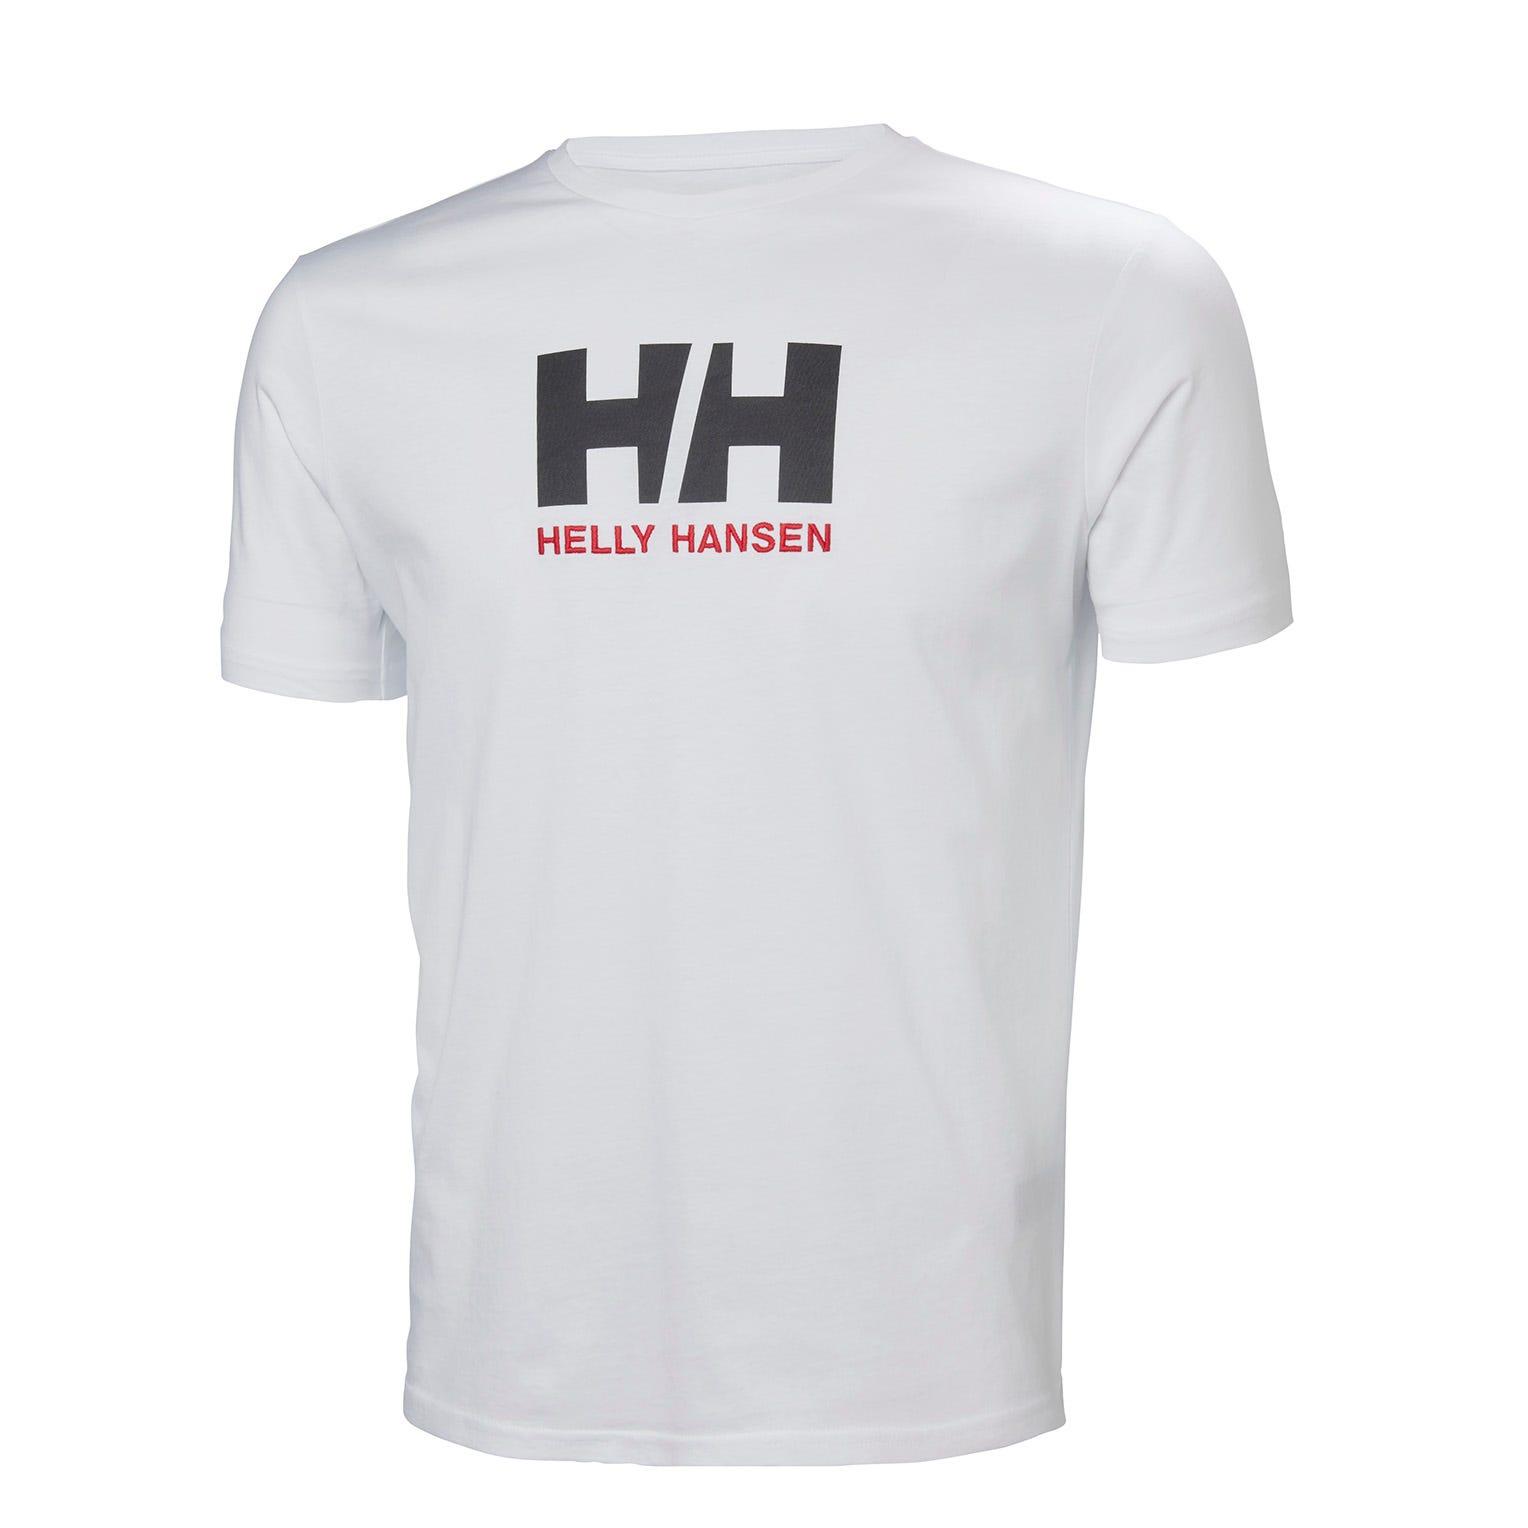 Helly Hansen Mens Hh Logo Tshirt White Xxl